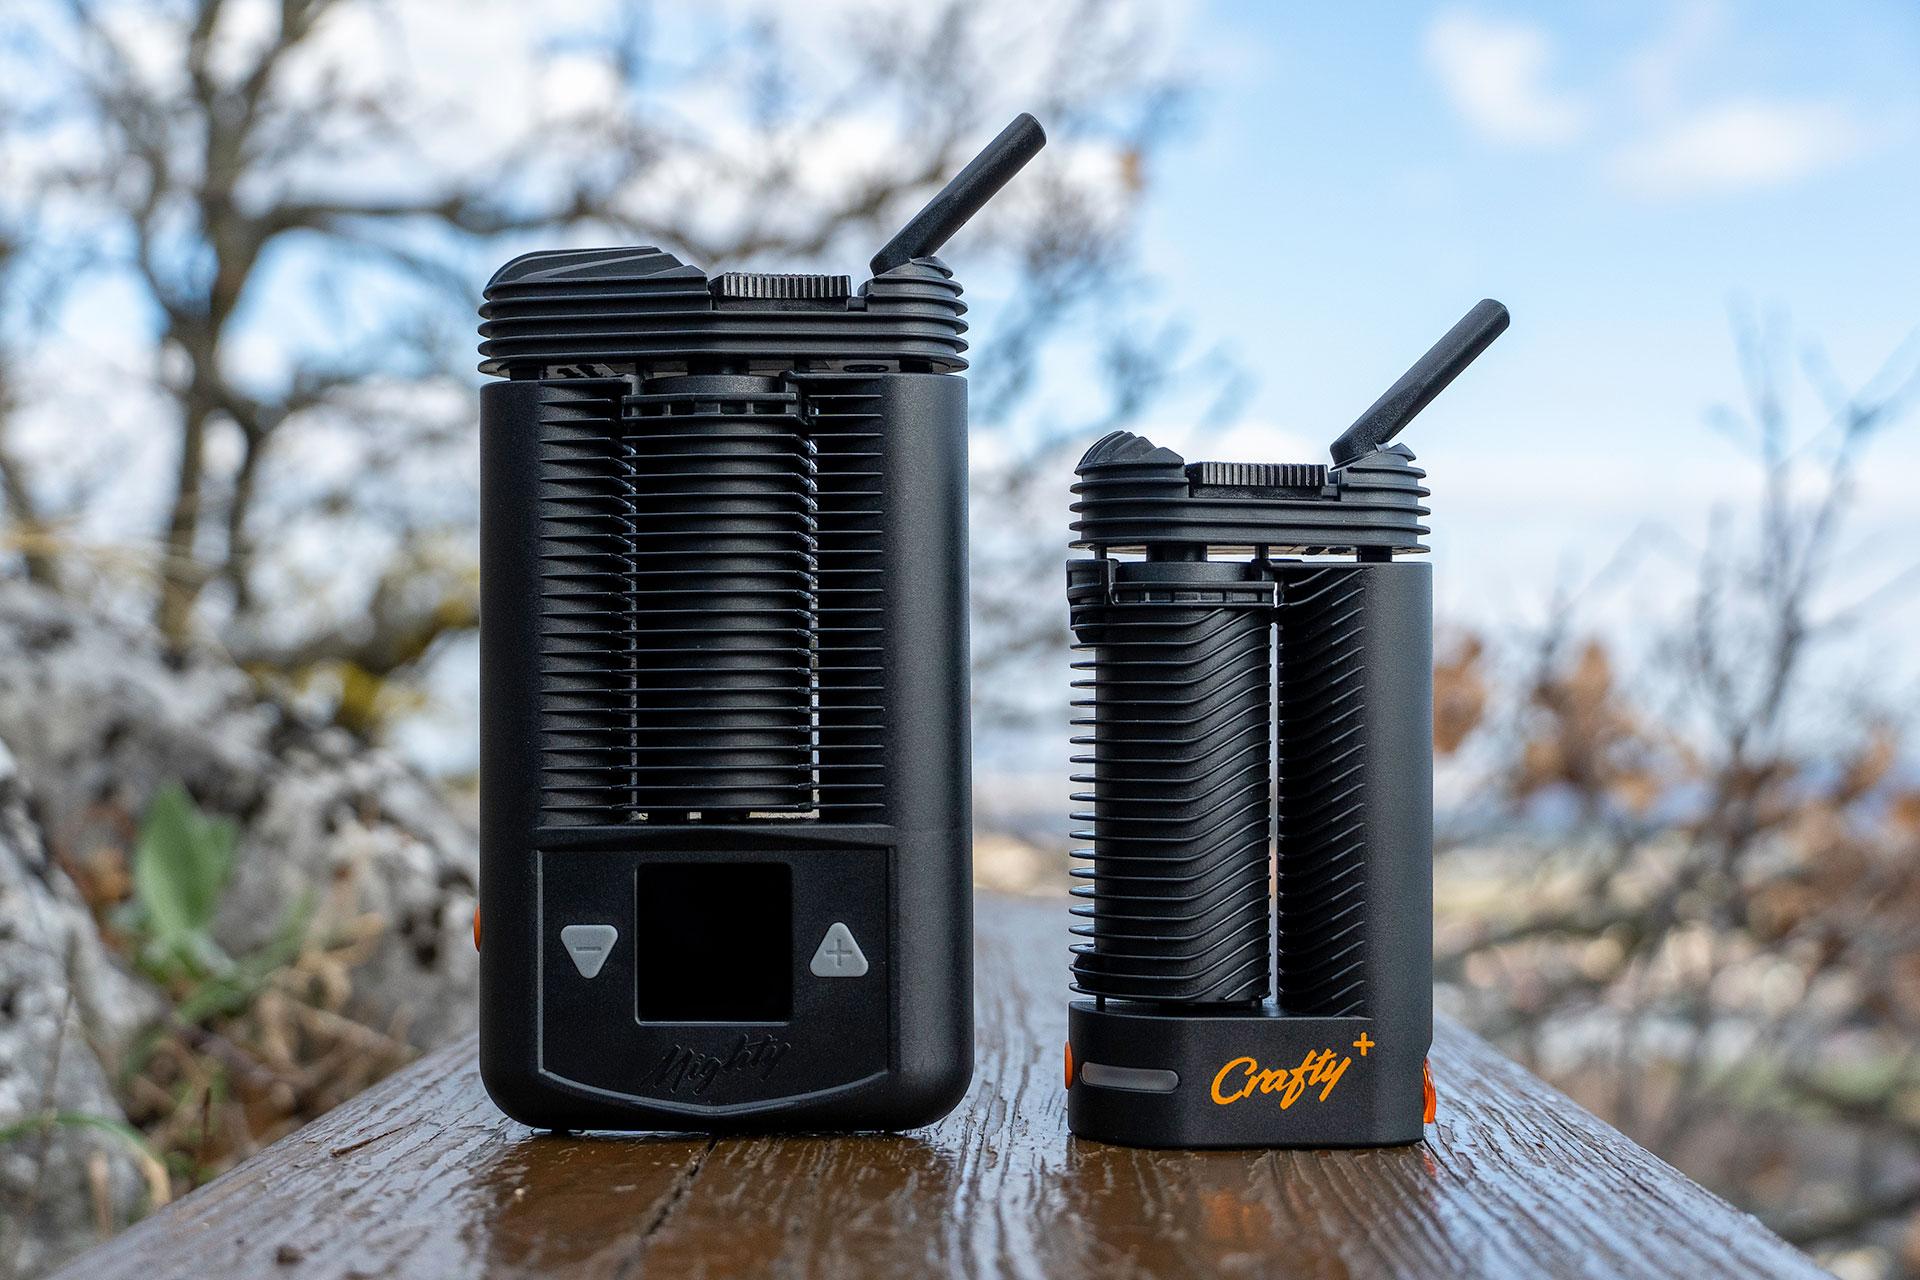 Im Vergleich zum Mighty ist der Crafty+ um ein Drittel kleiner, bietet dieselbe Dampfleistung, jedoch eine geringe Akkulaufzeit.